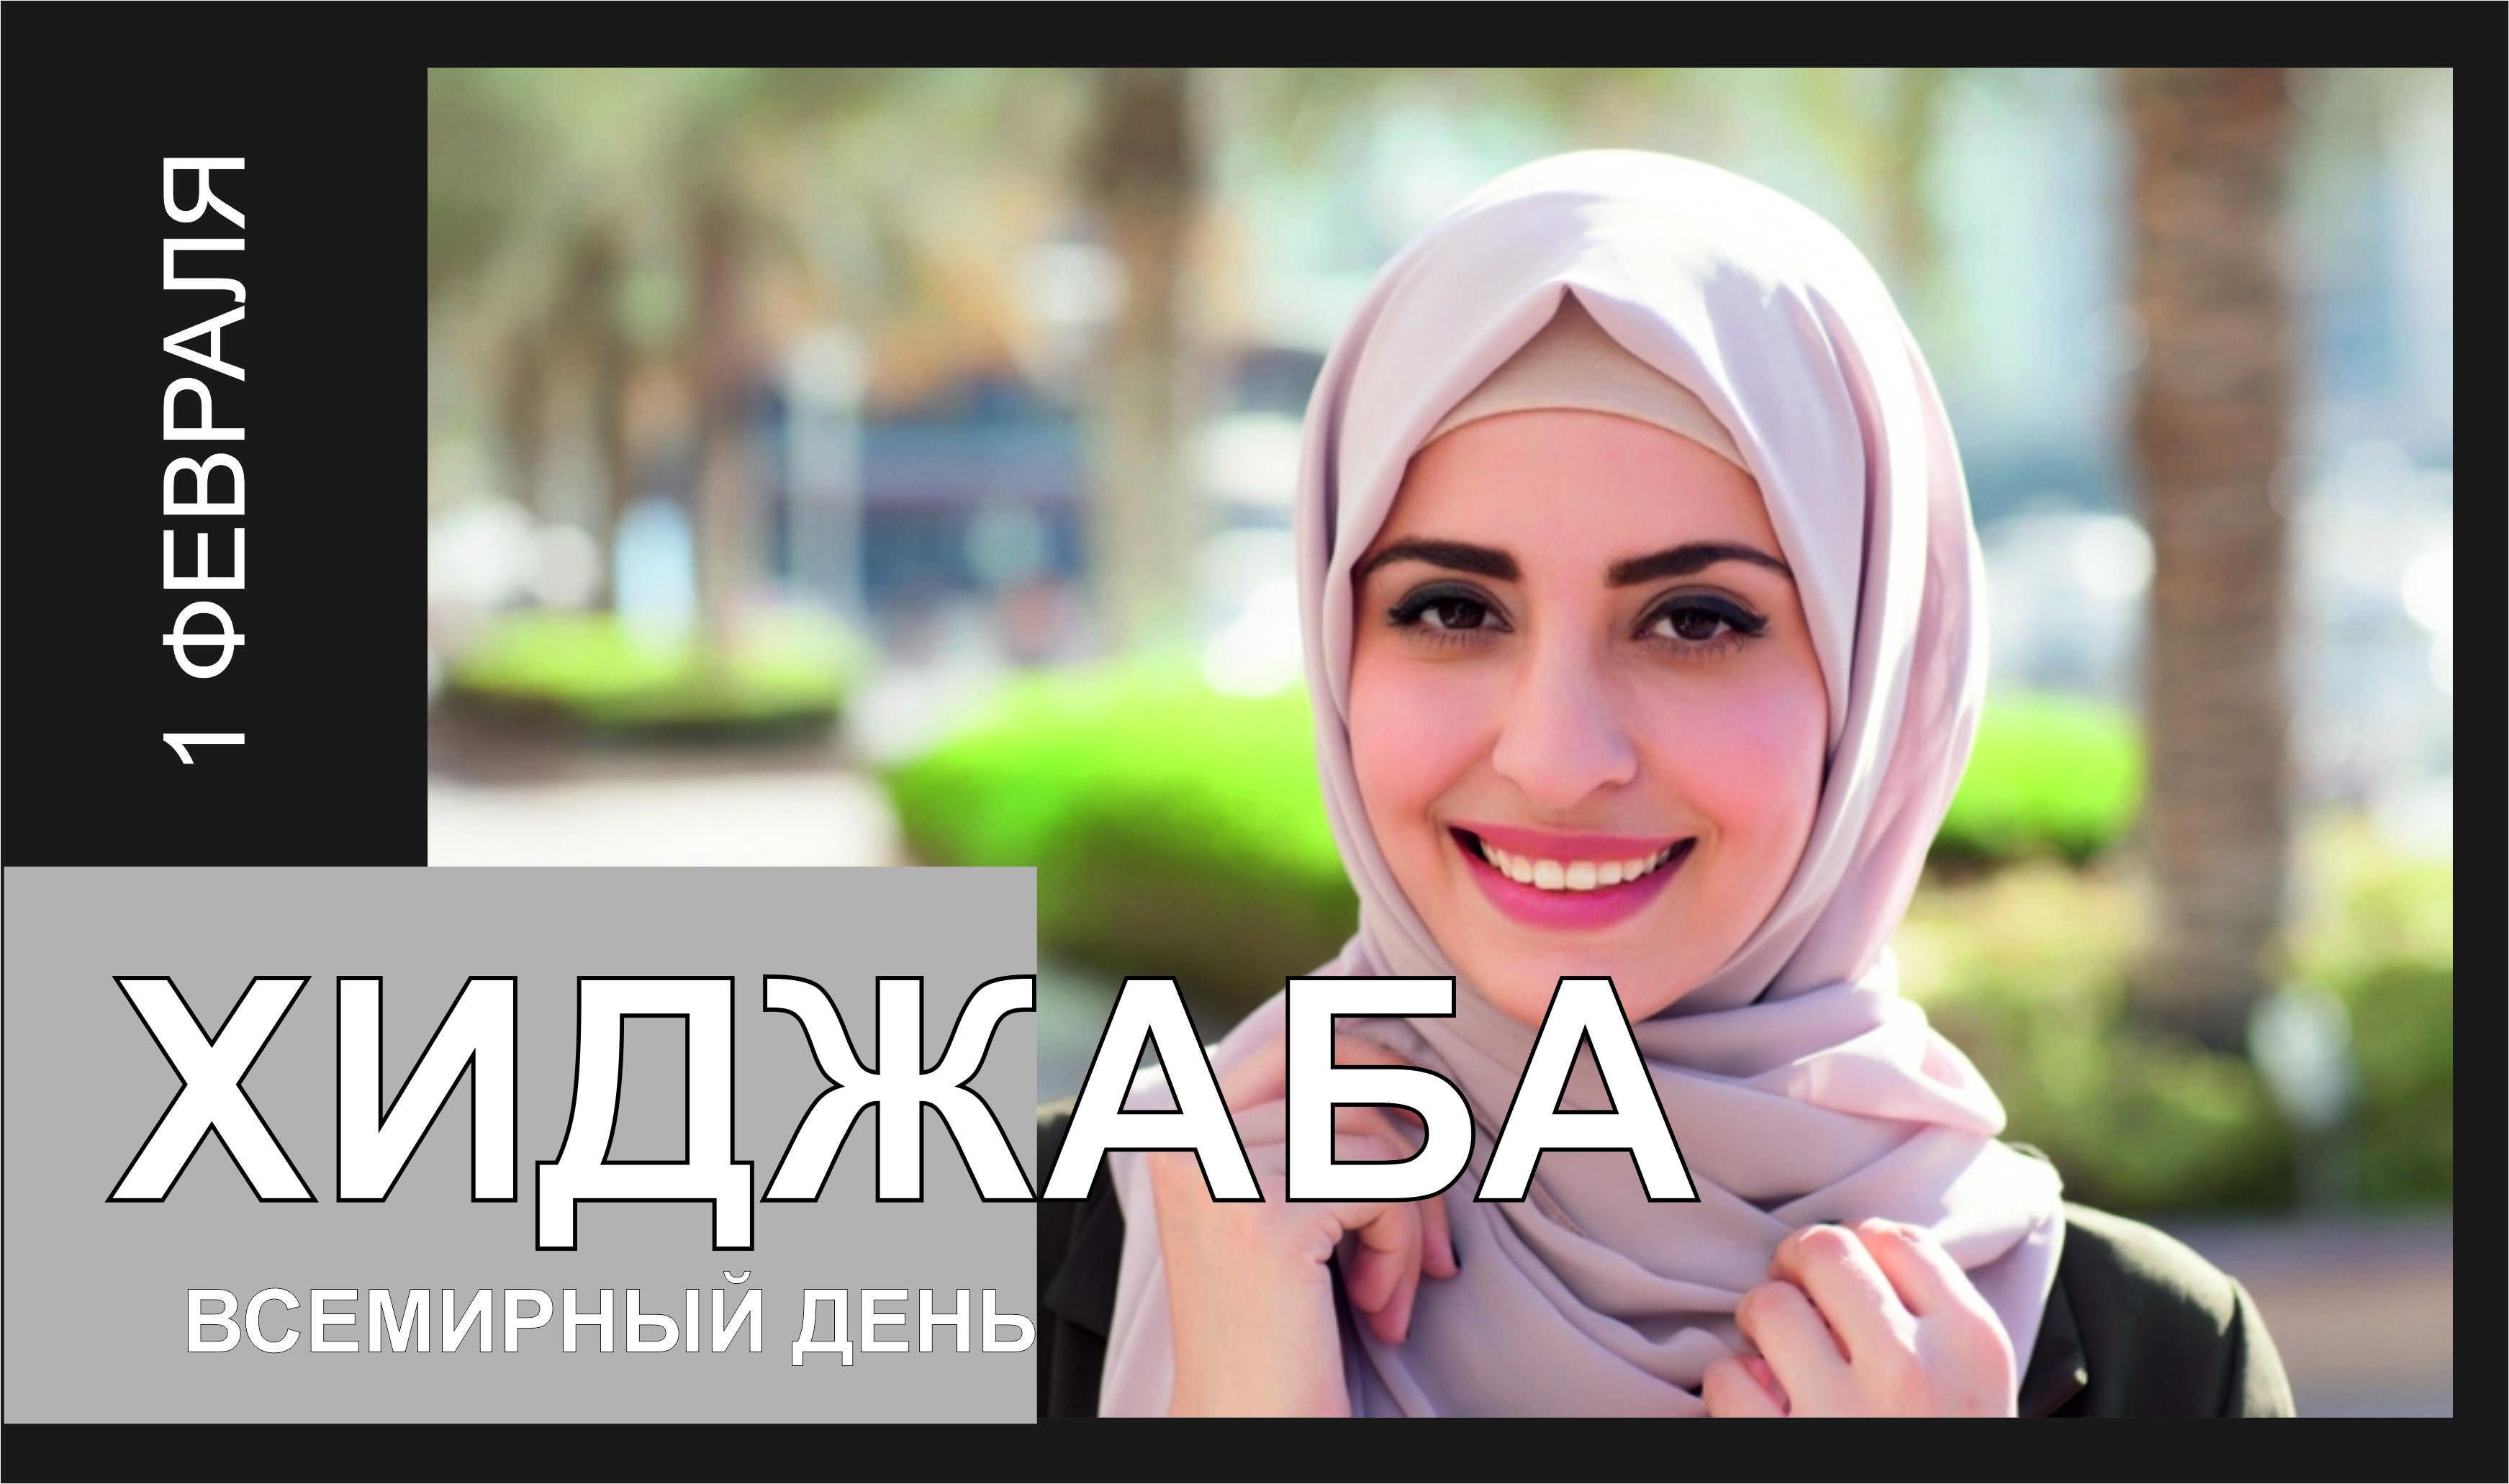 Развиващие задания. Открытки на всемирный день хиджаба Открытки ко всемирному дню хиджаба с красивыми женщинами в национальной одежде Всемирный день хиджаба отмечается первого февраля и этот праздник набирает популярность в последнее время.